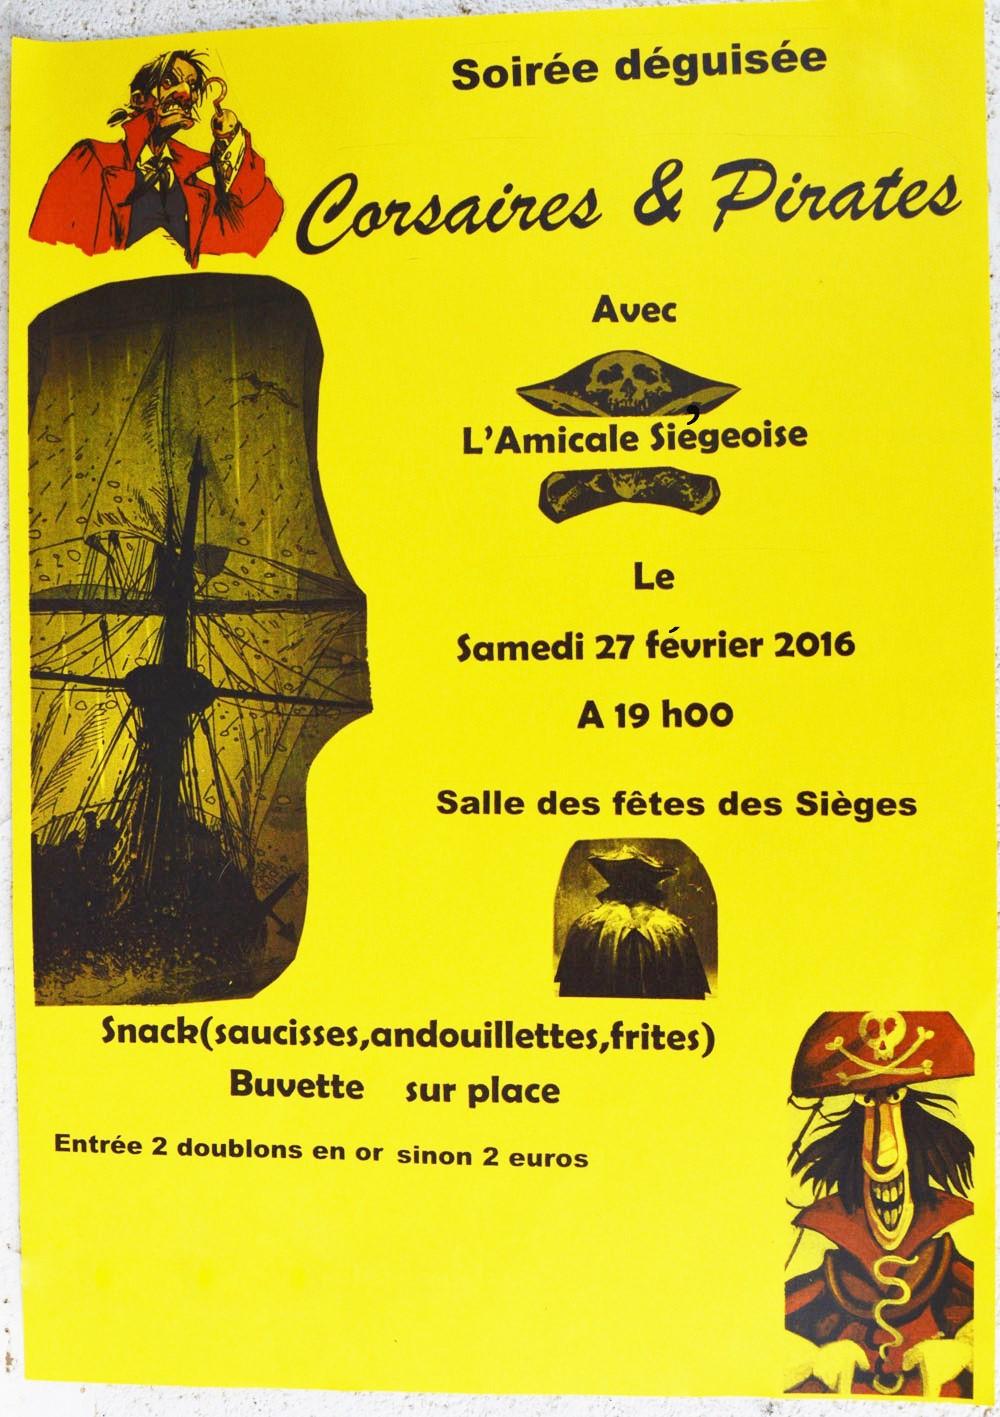 Affiche de Corsaires et Pirates 2016